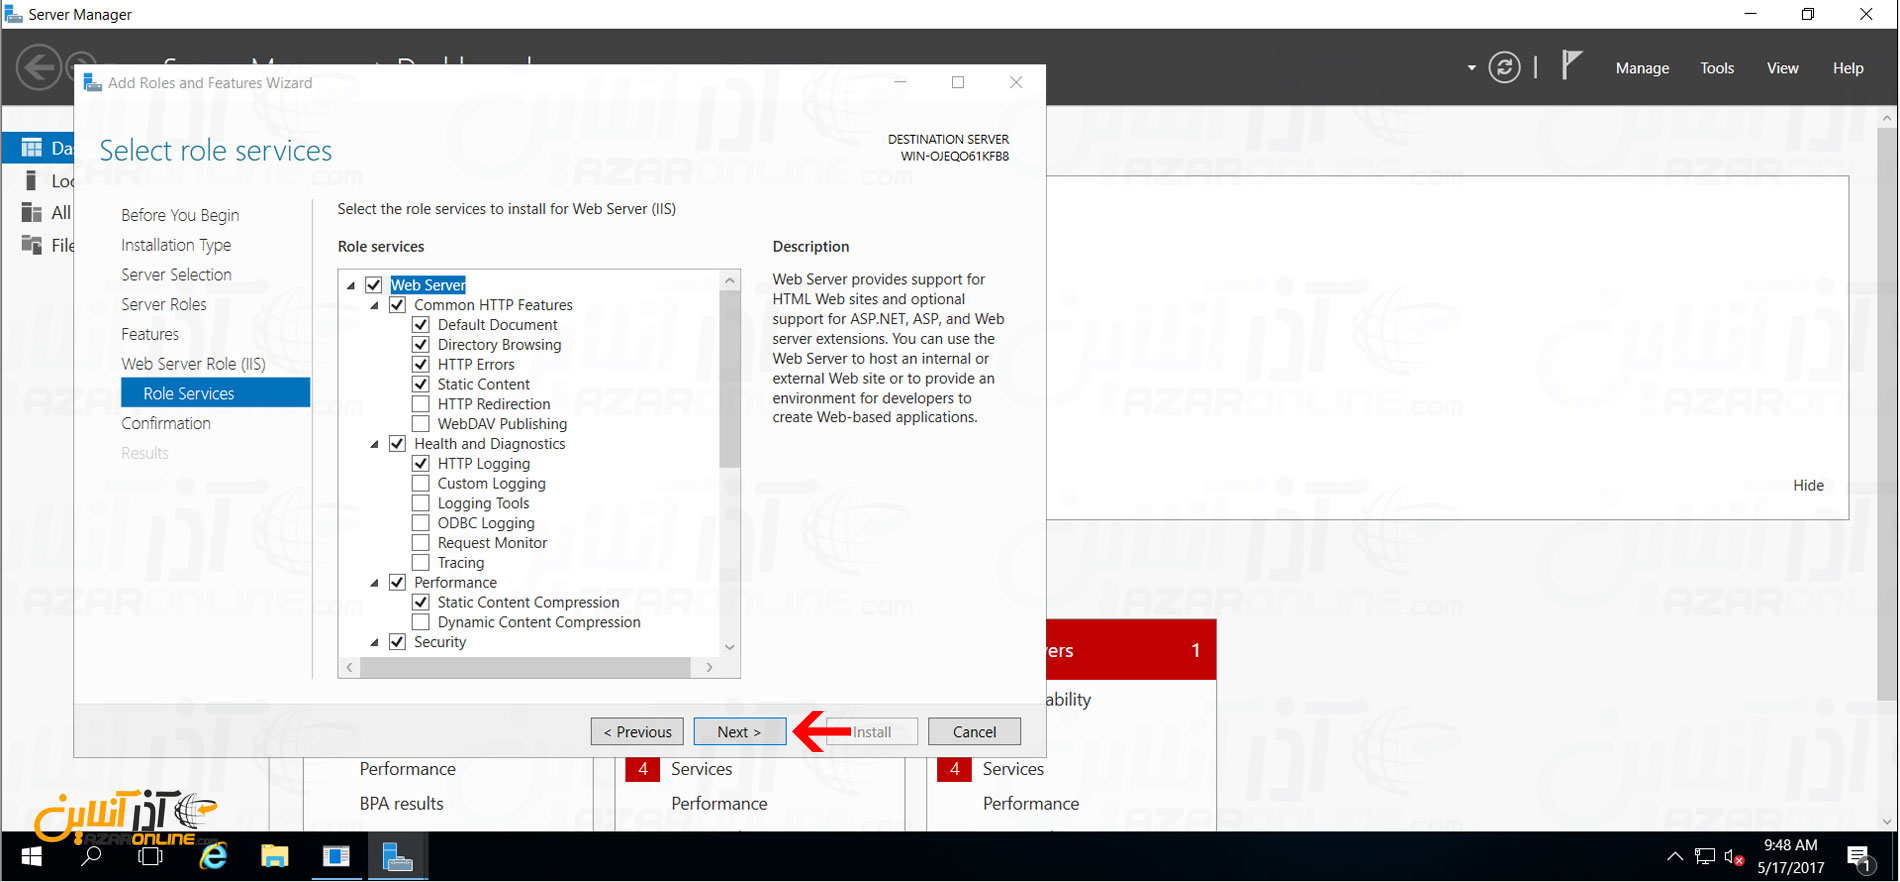 نصب IIS در ویندوز سرور 2016 - انتخاب Featureهای IIS